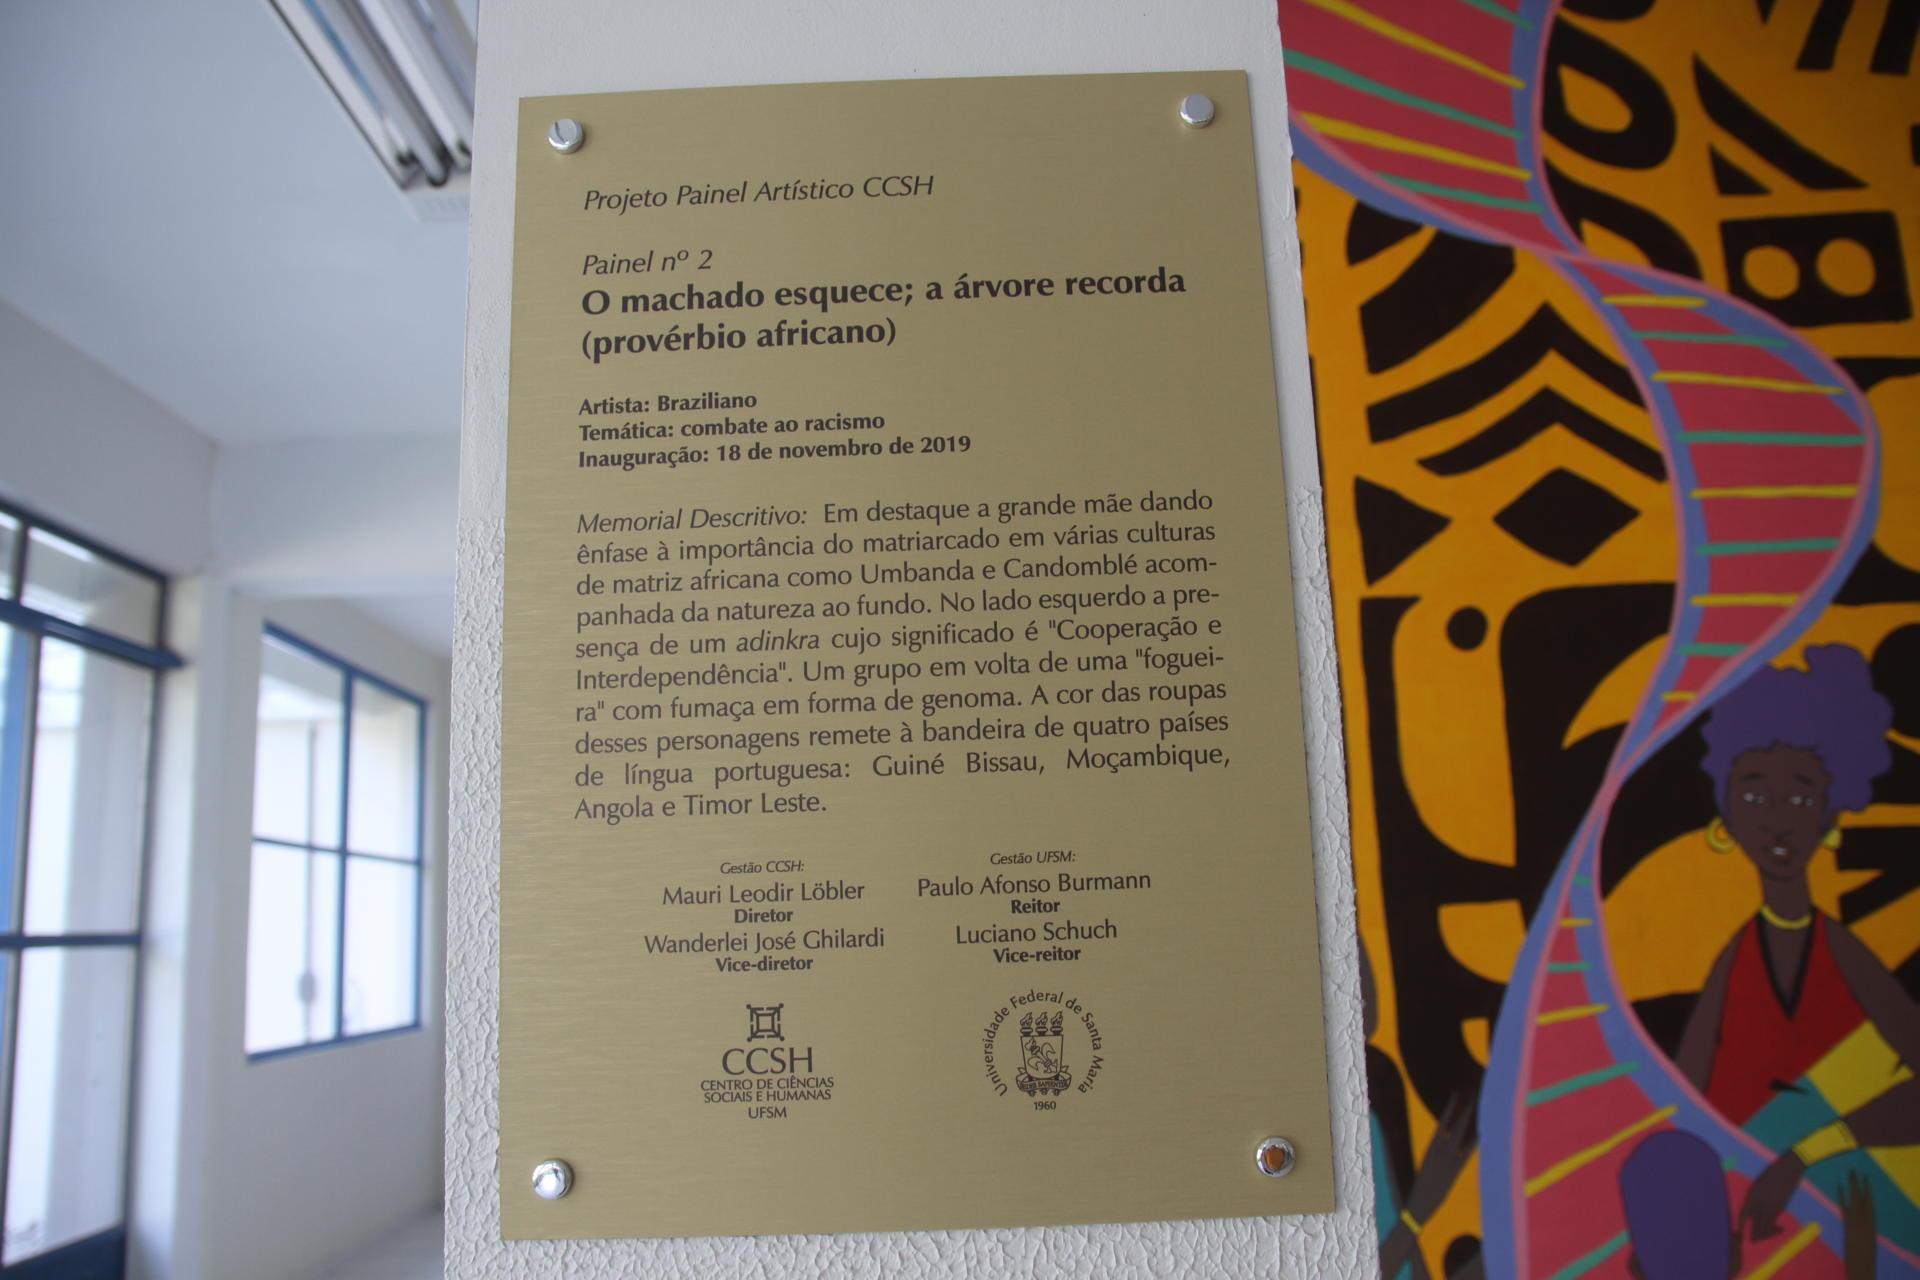 Foto colorida horizontal mostra em destaque uma placa explicativa, com o tema e descrição da obra, ao lado do painel